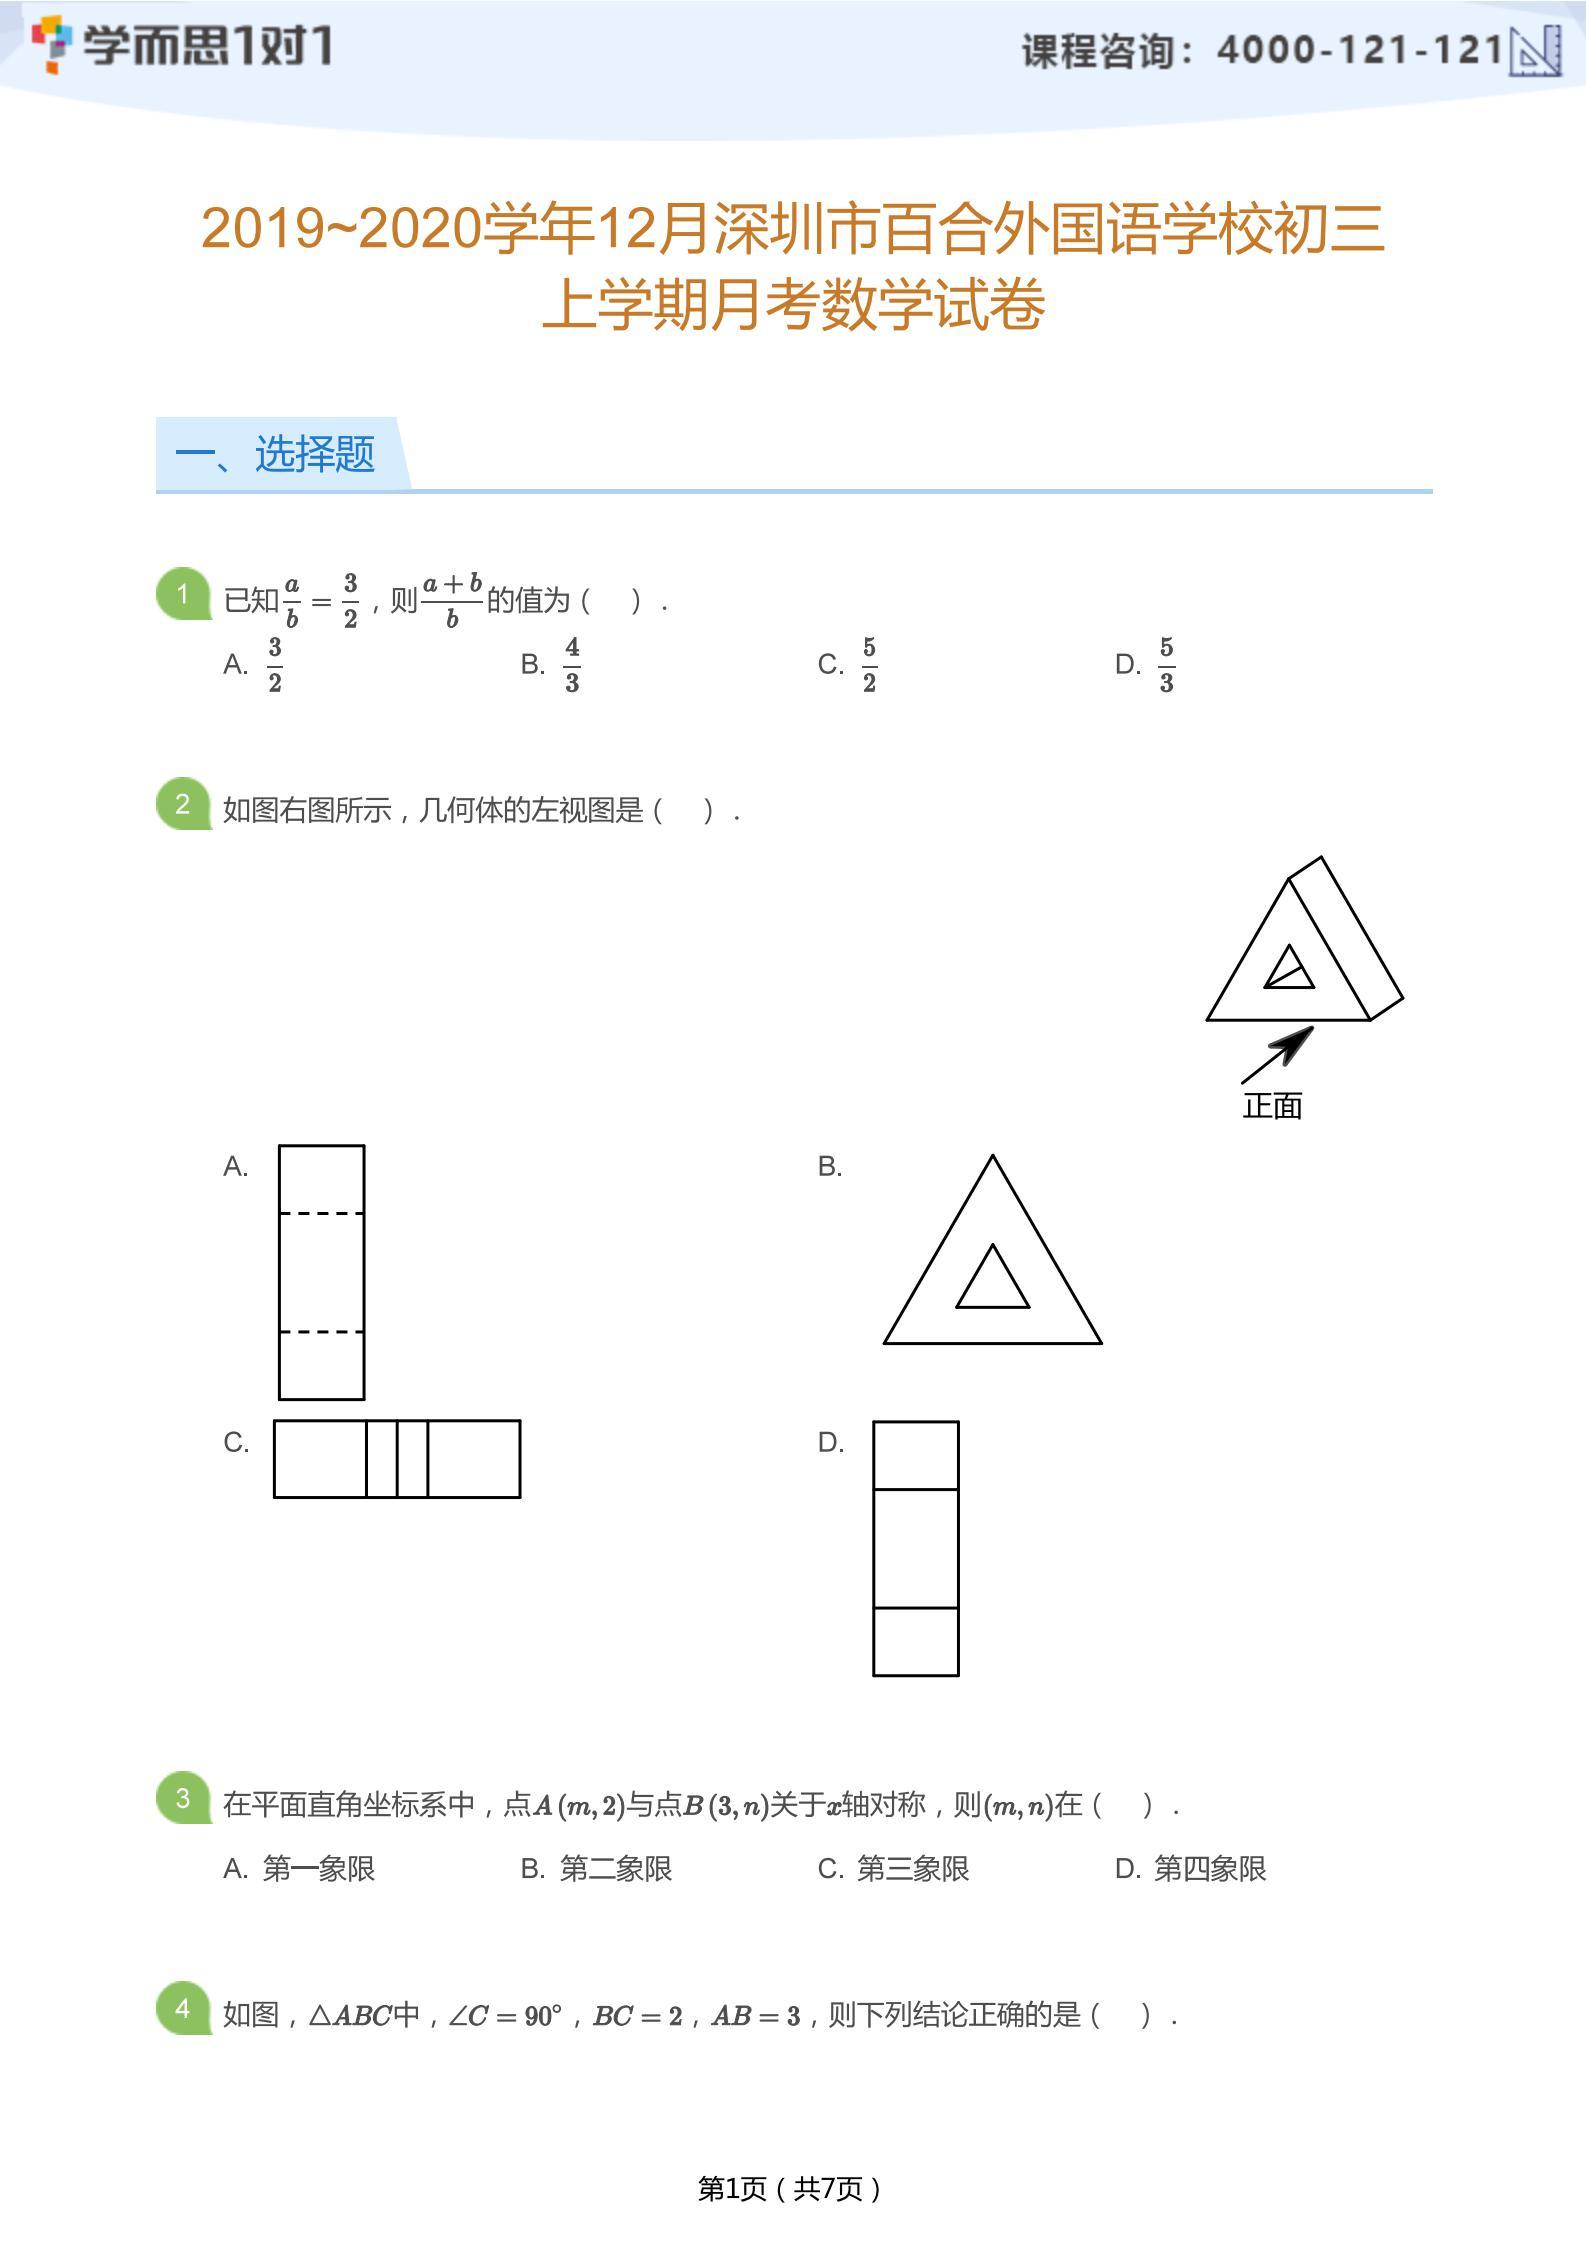 2019-2020学年12月深圳百合外国语学校初三上月考数学试卷及答案